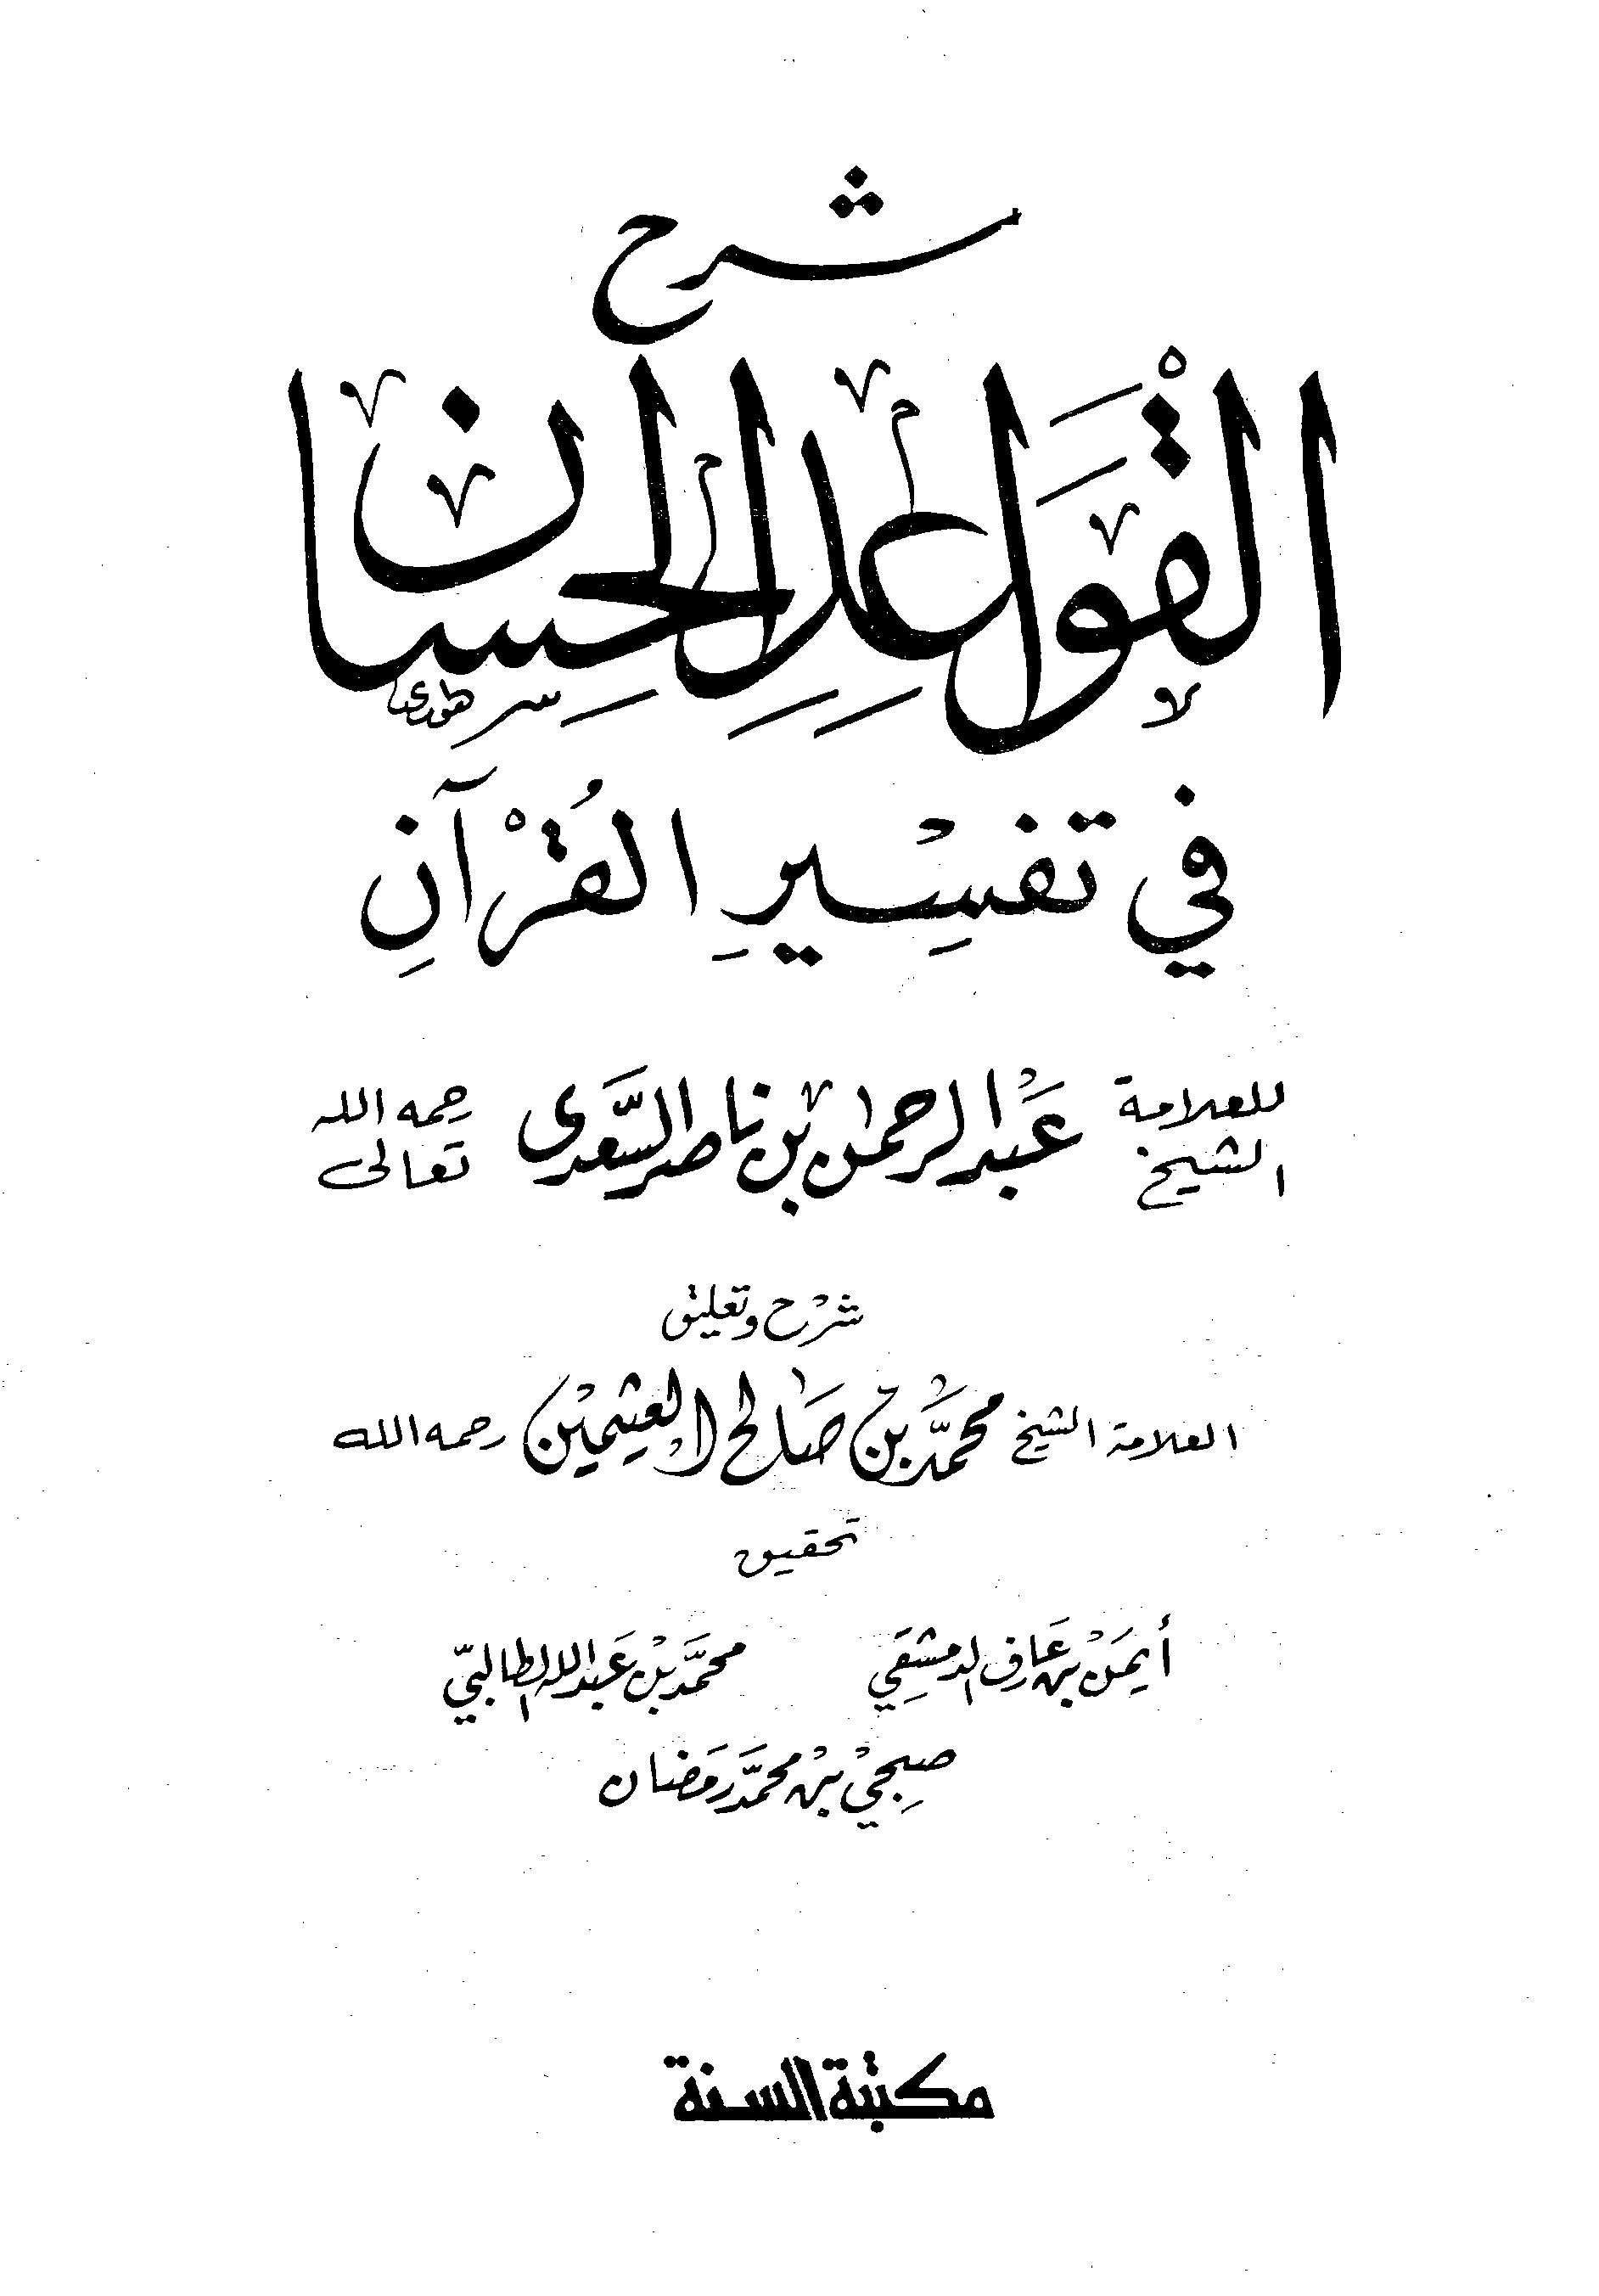 تحميل كتاب شرح القواعد الحسان في تفسير القرآن لـِ: الشيخ محمد بن صالح العثيمين (ت 1421)